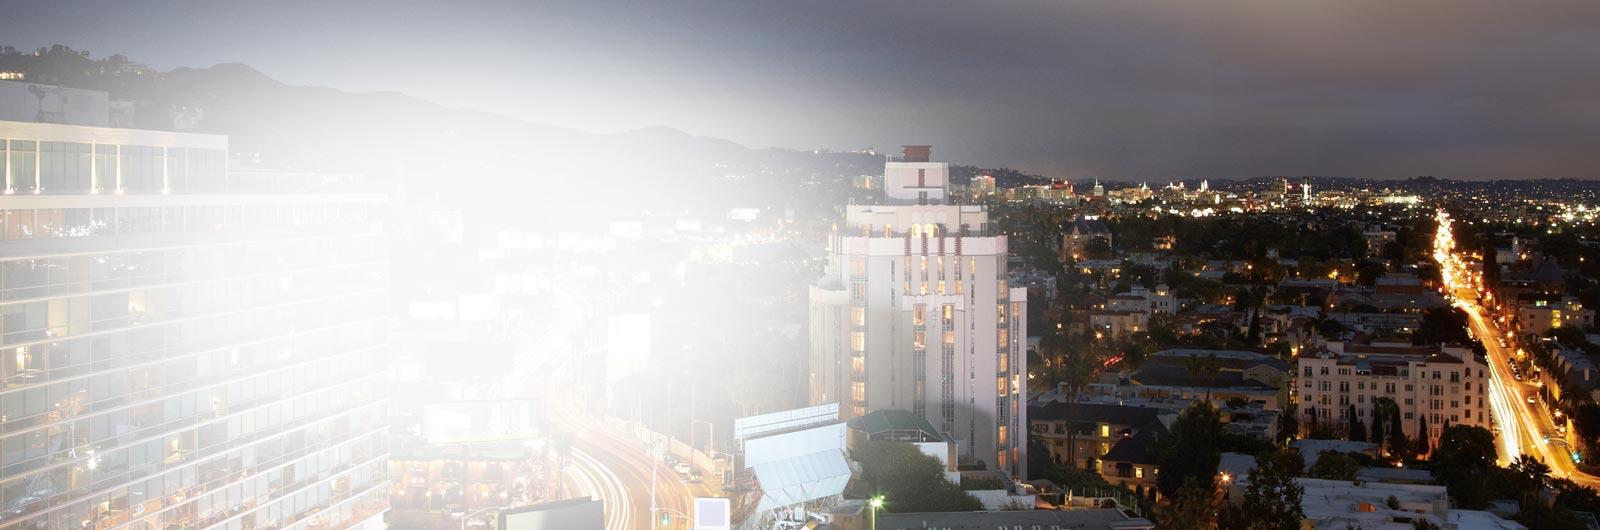 Visão noturna de uma cidade grande. Leia histórias de clientes do Exchange de todo o mundo